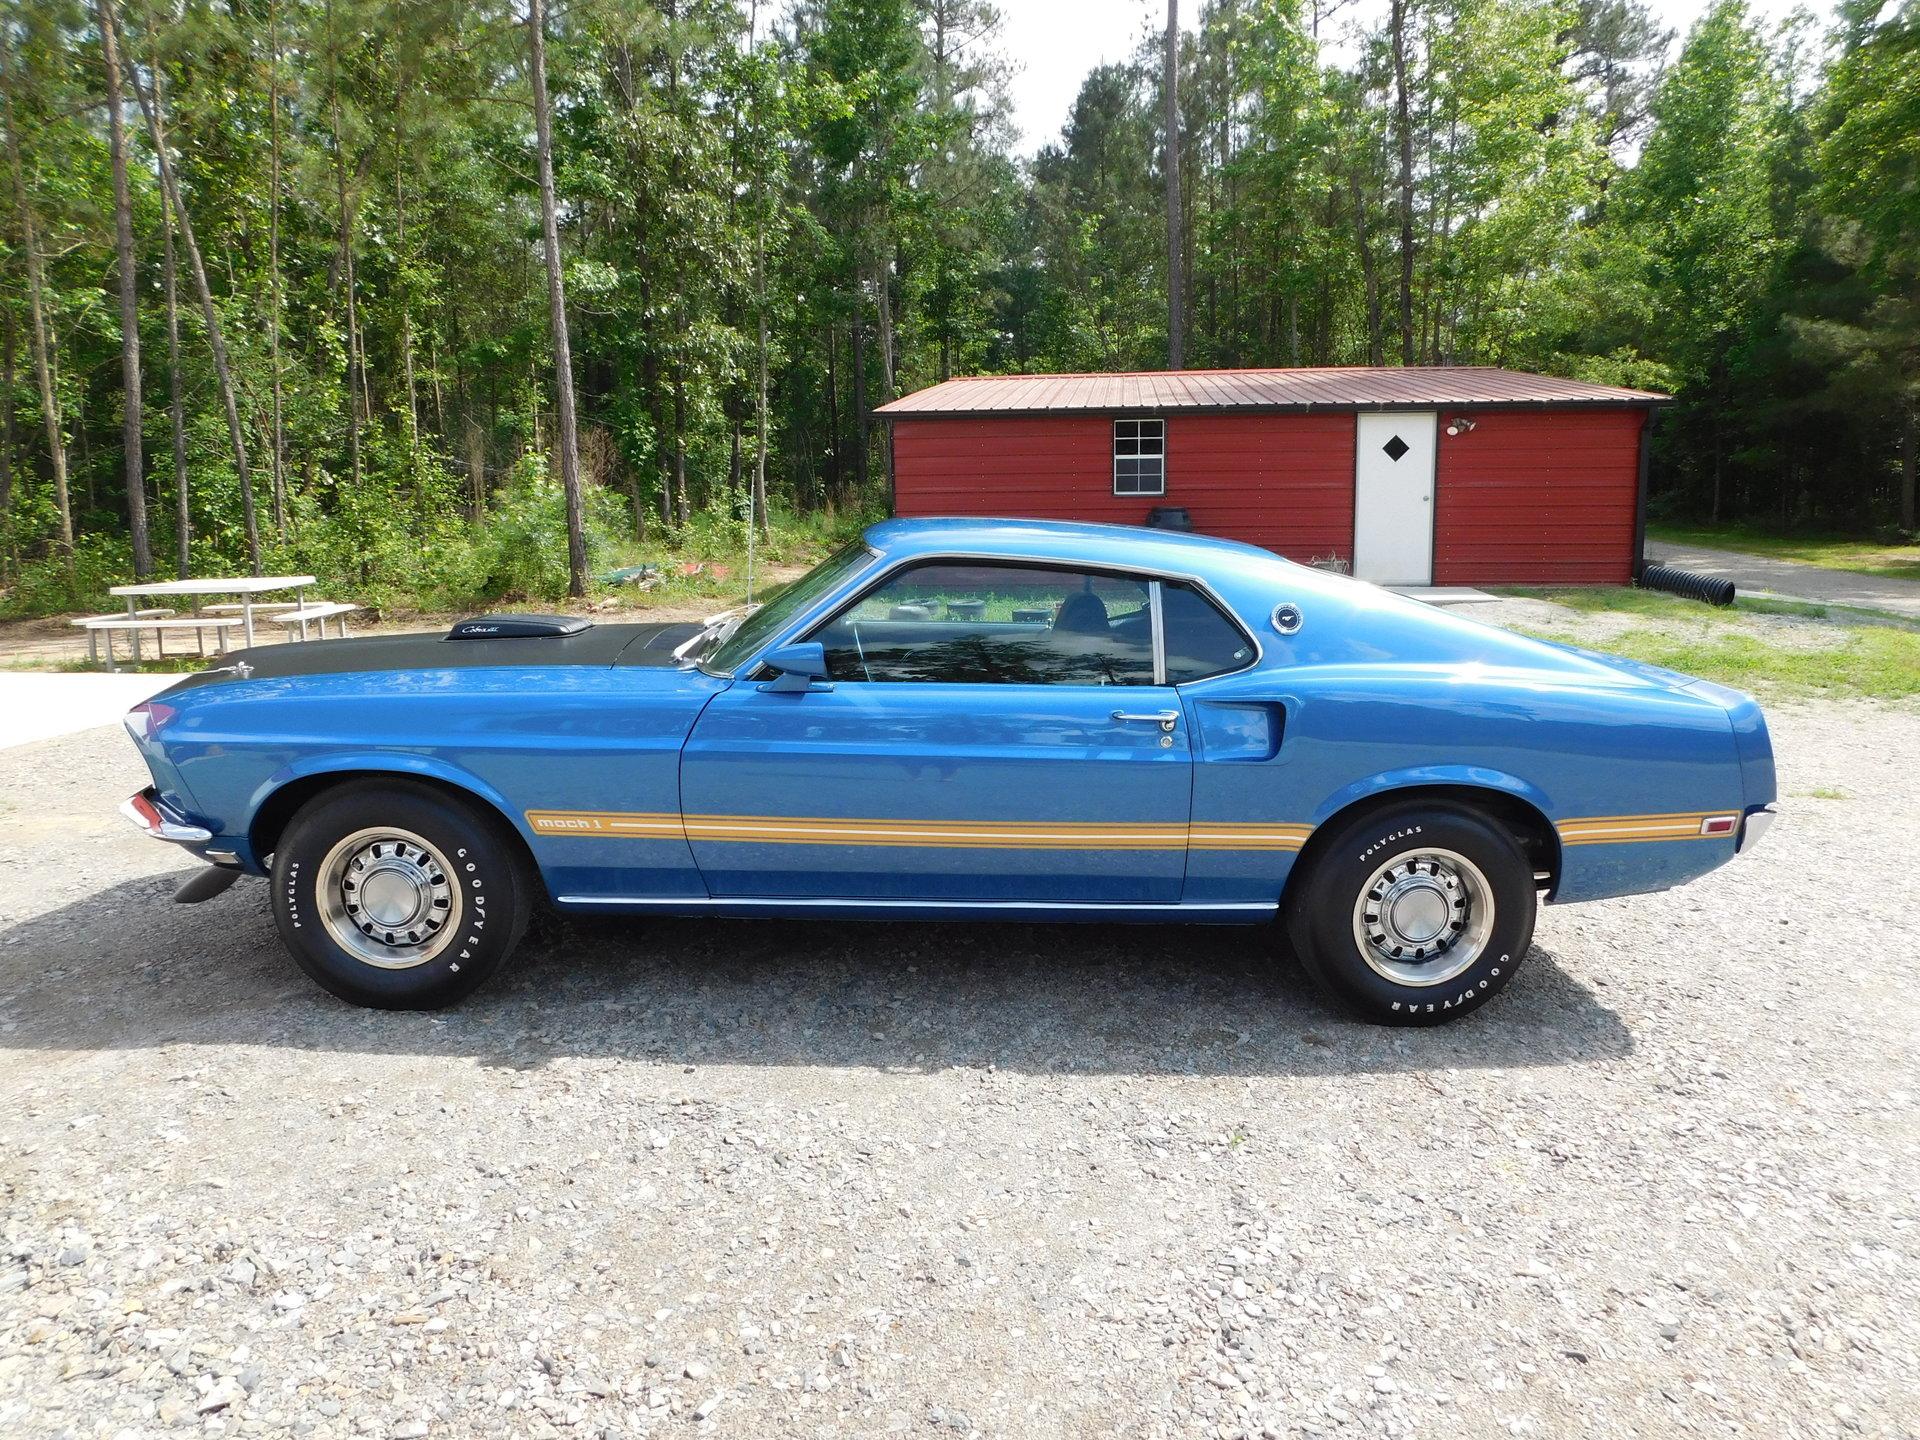 69421ec75278e hd 1969 ford mustang mach i super cobra jet